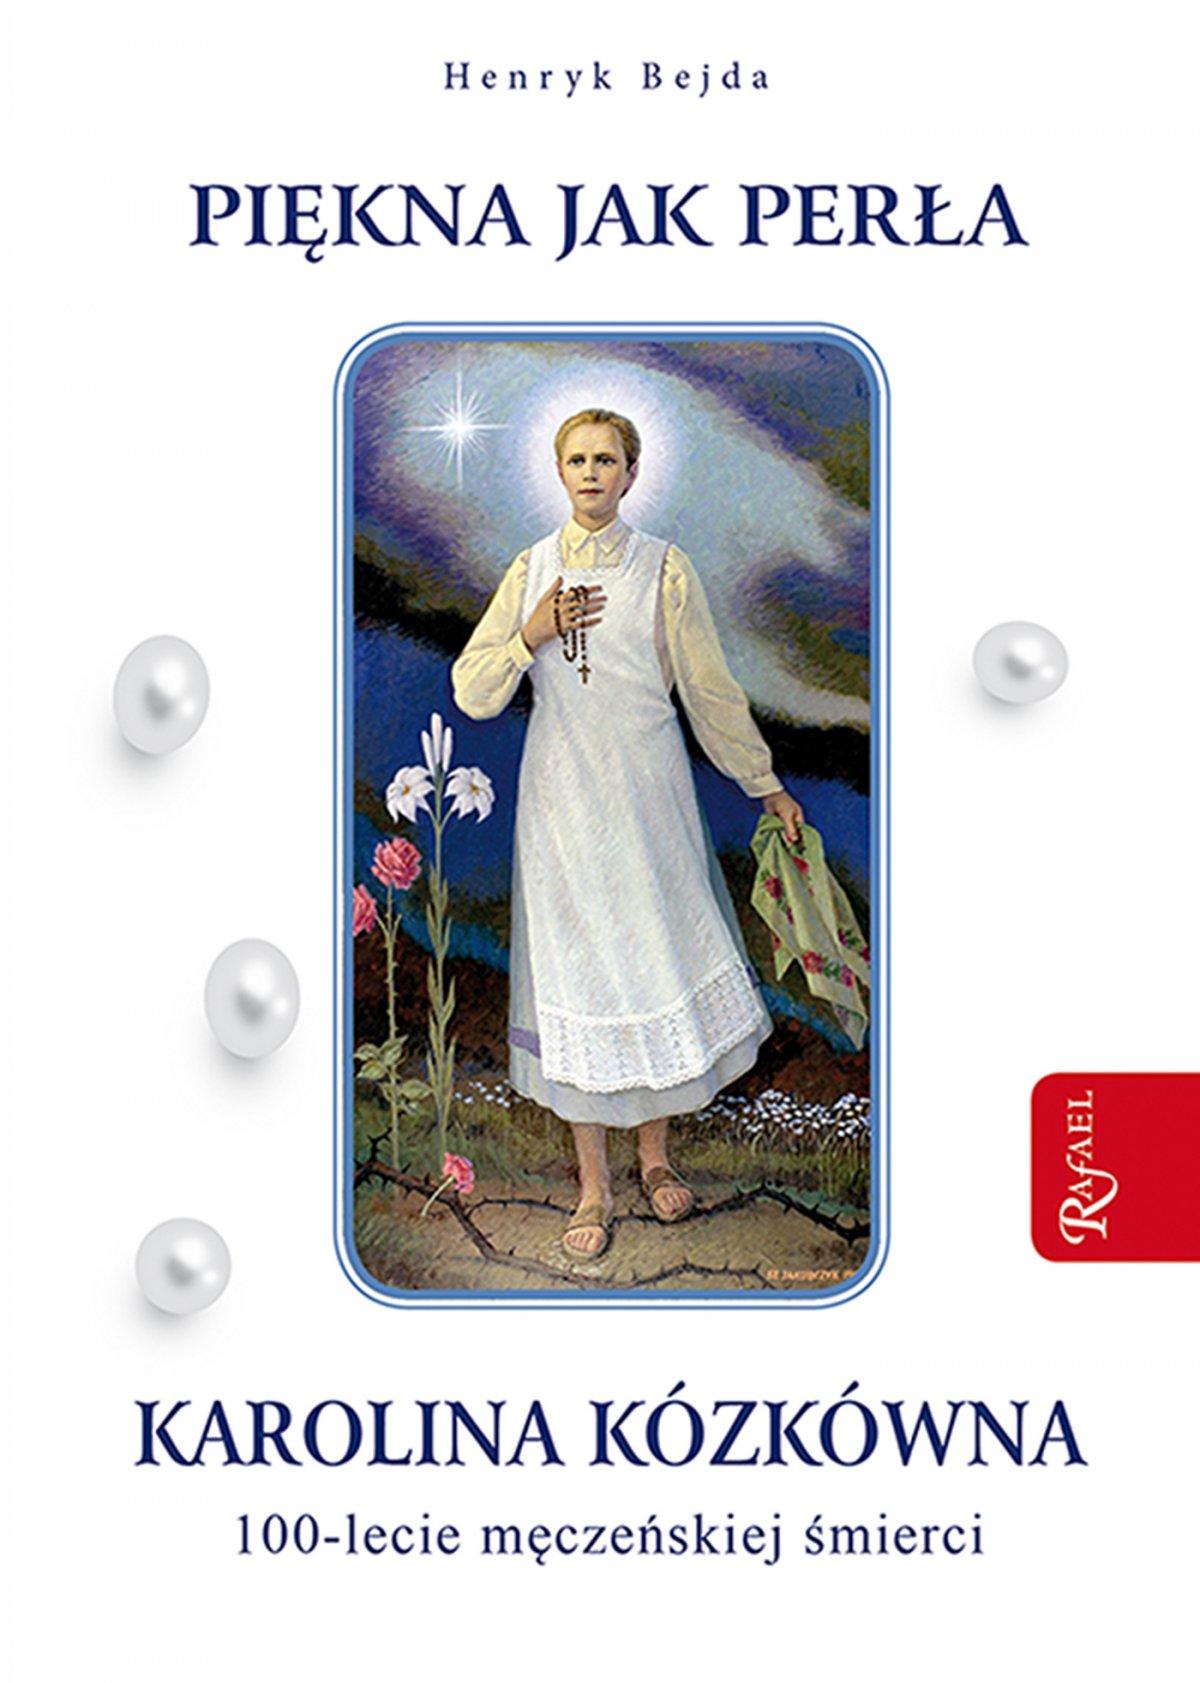 Piękna jak perła. Karolina Kózkówna - Ebook (Książka EPUB) do pobrania w formacie EPUB